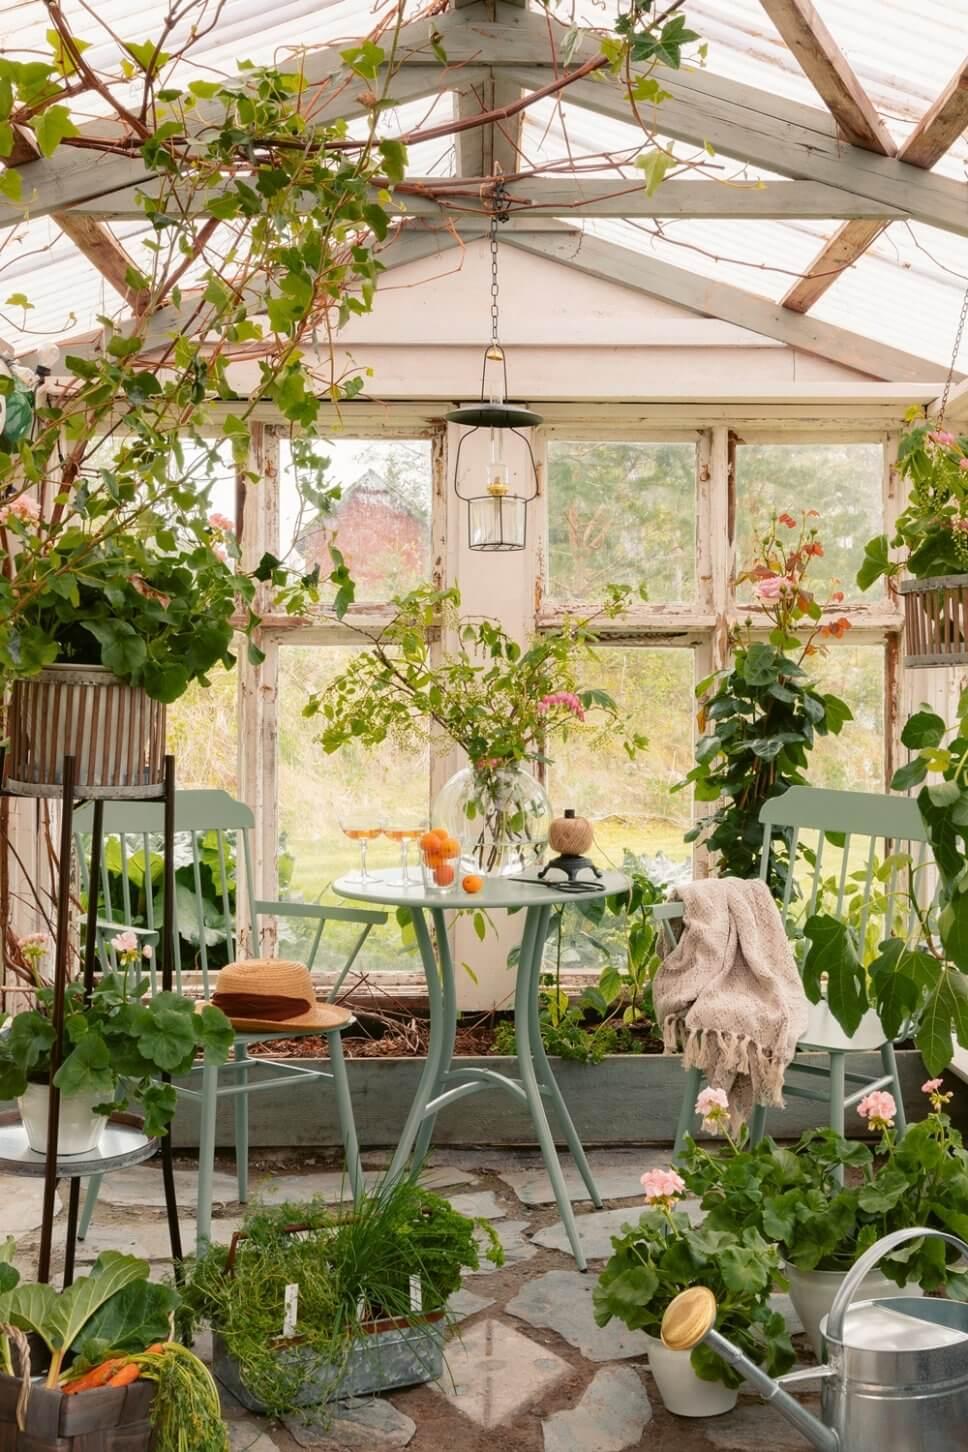 Hellgrüne Stühle um einen Bistrotisch in einem üppig bepflanzten Wintergarten